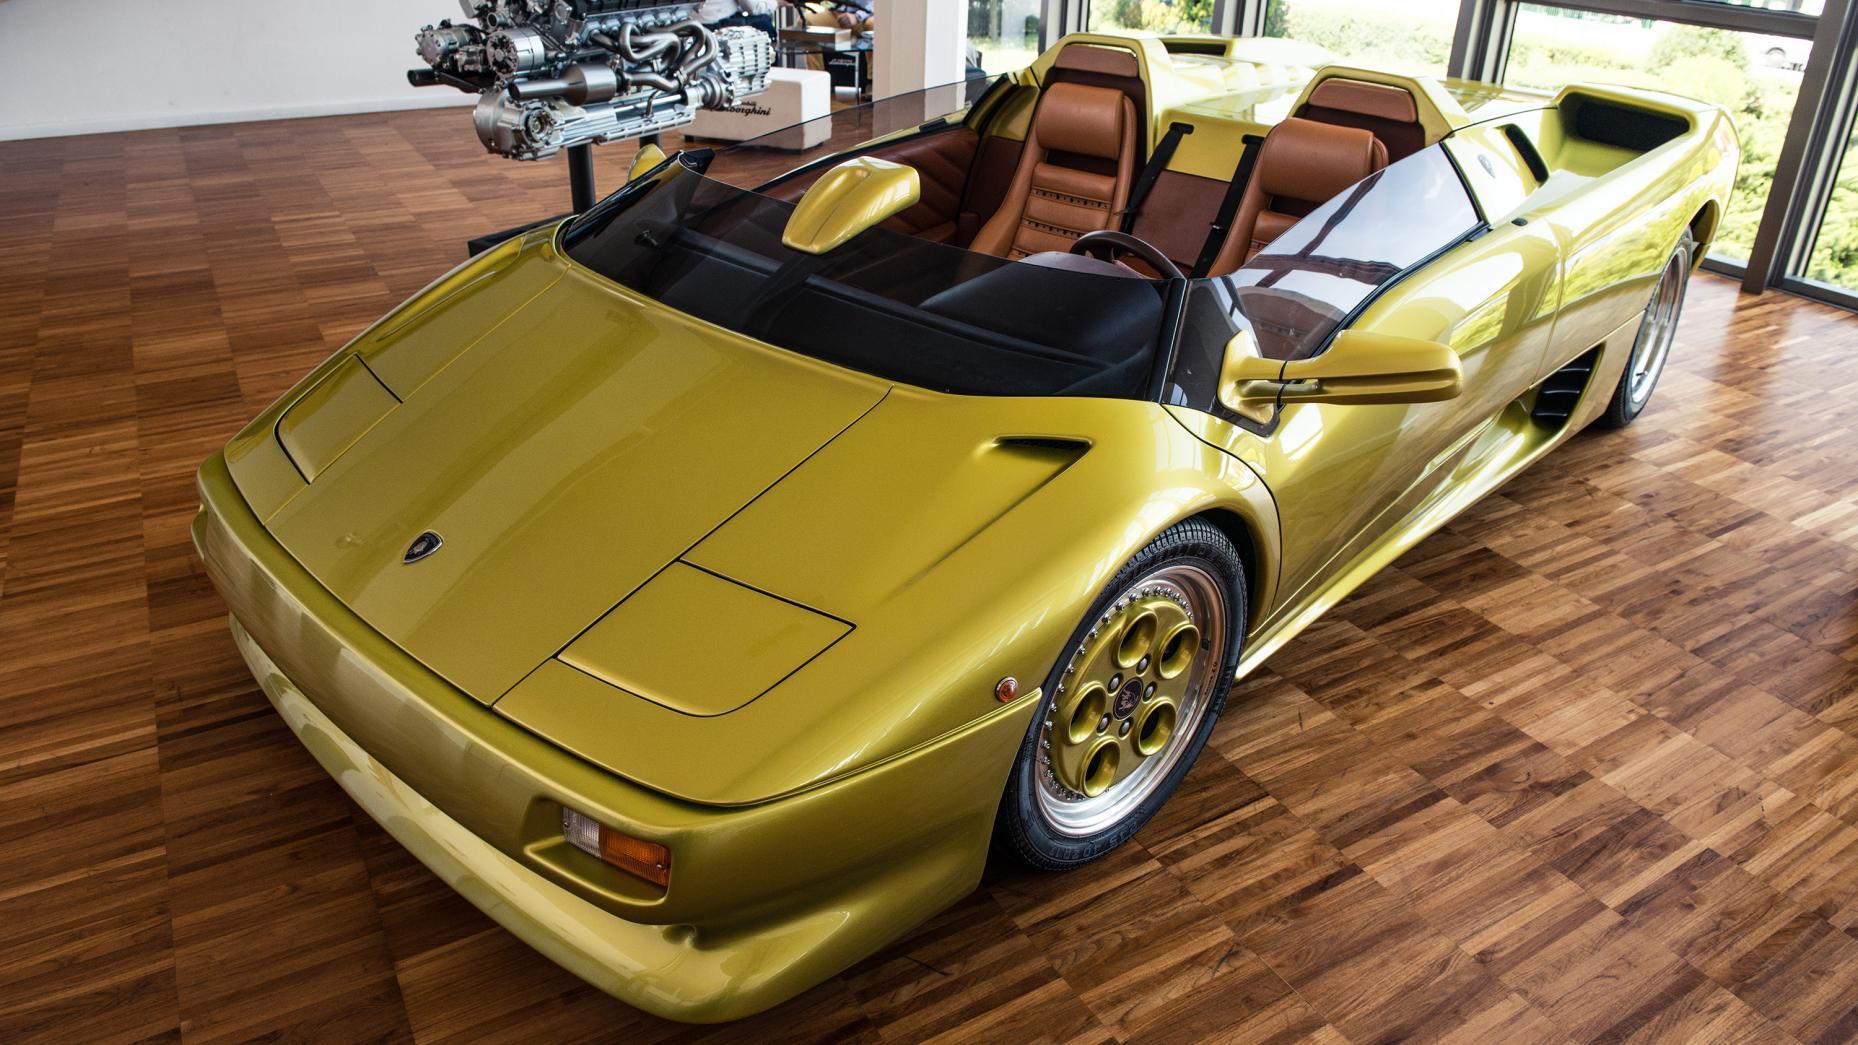 Cùng chiêm ngưỡng bảo tàng của siêu xe Lamborghini 2